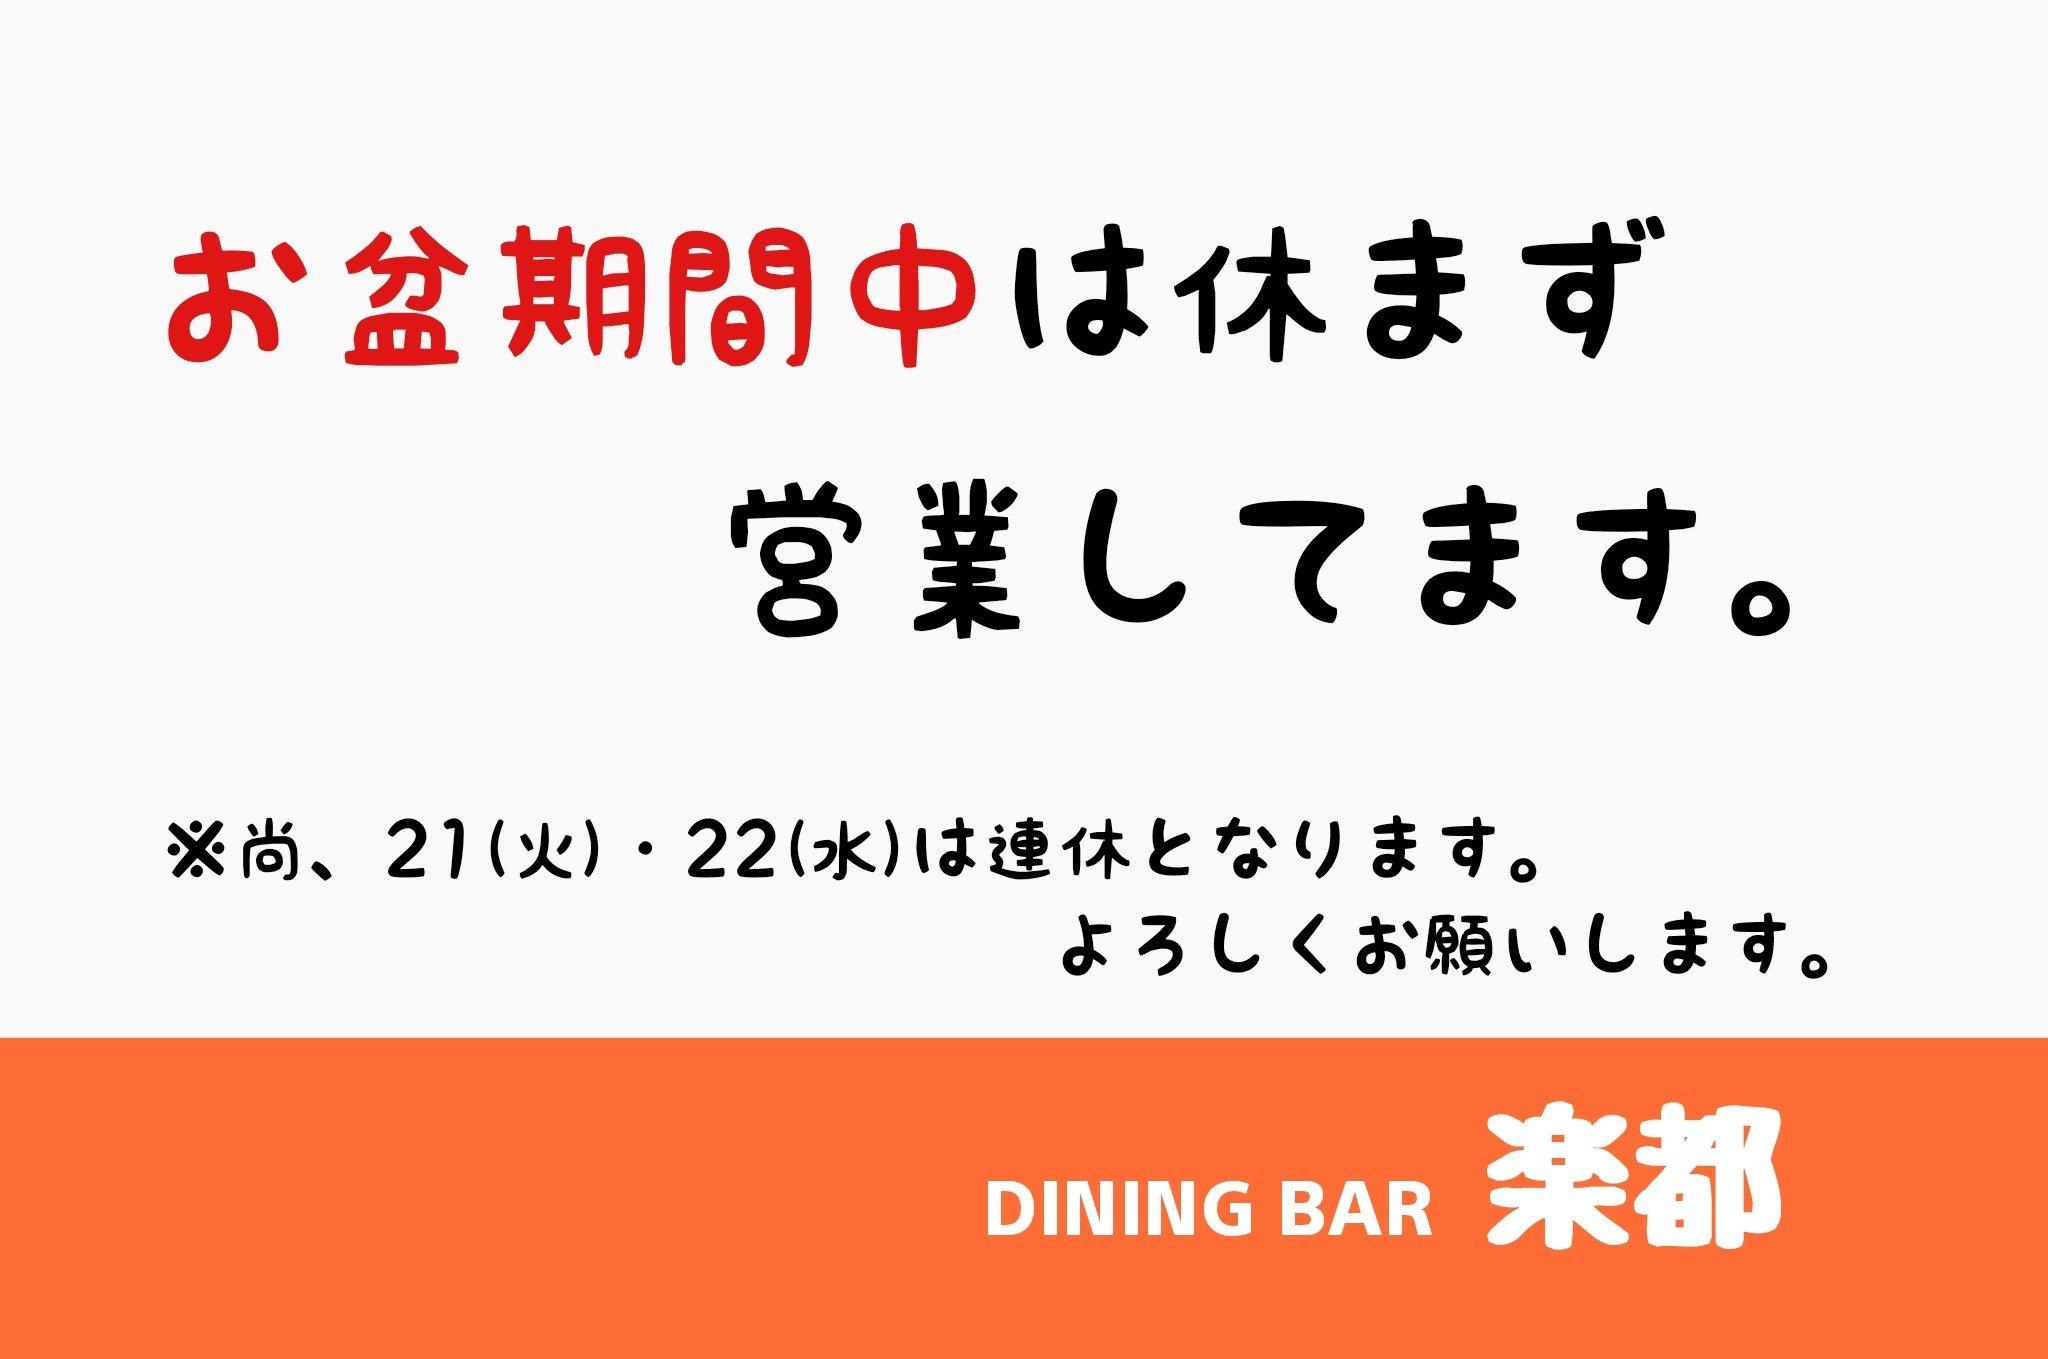 【楽都】シフト【8/14~20マデ】【ダイニングバー楽都】